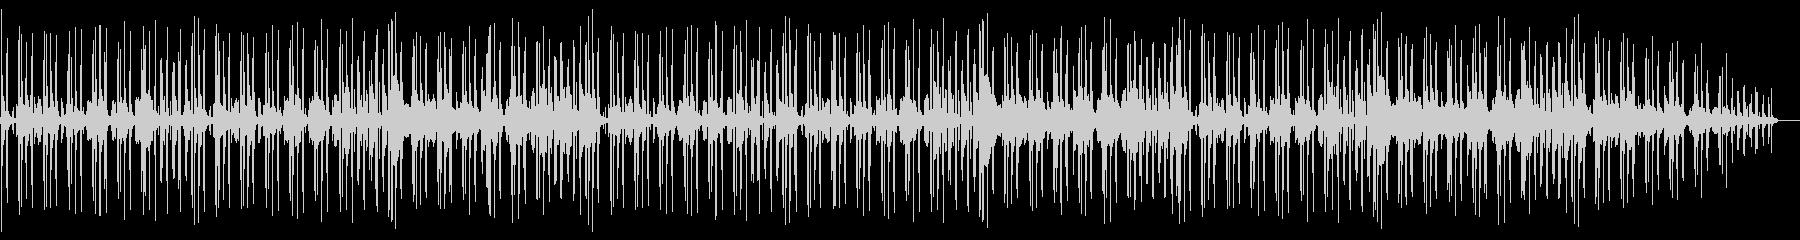 バンドセッション風インストトラックの未再生の波形